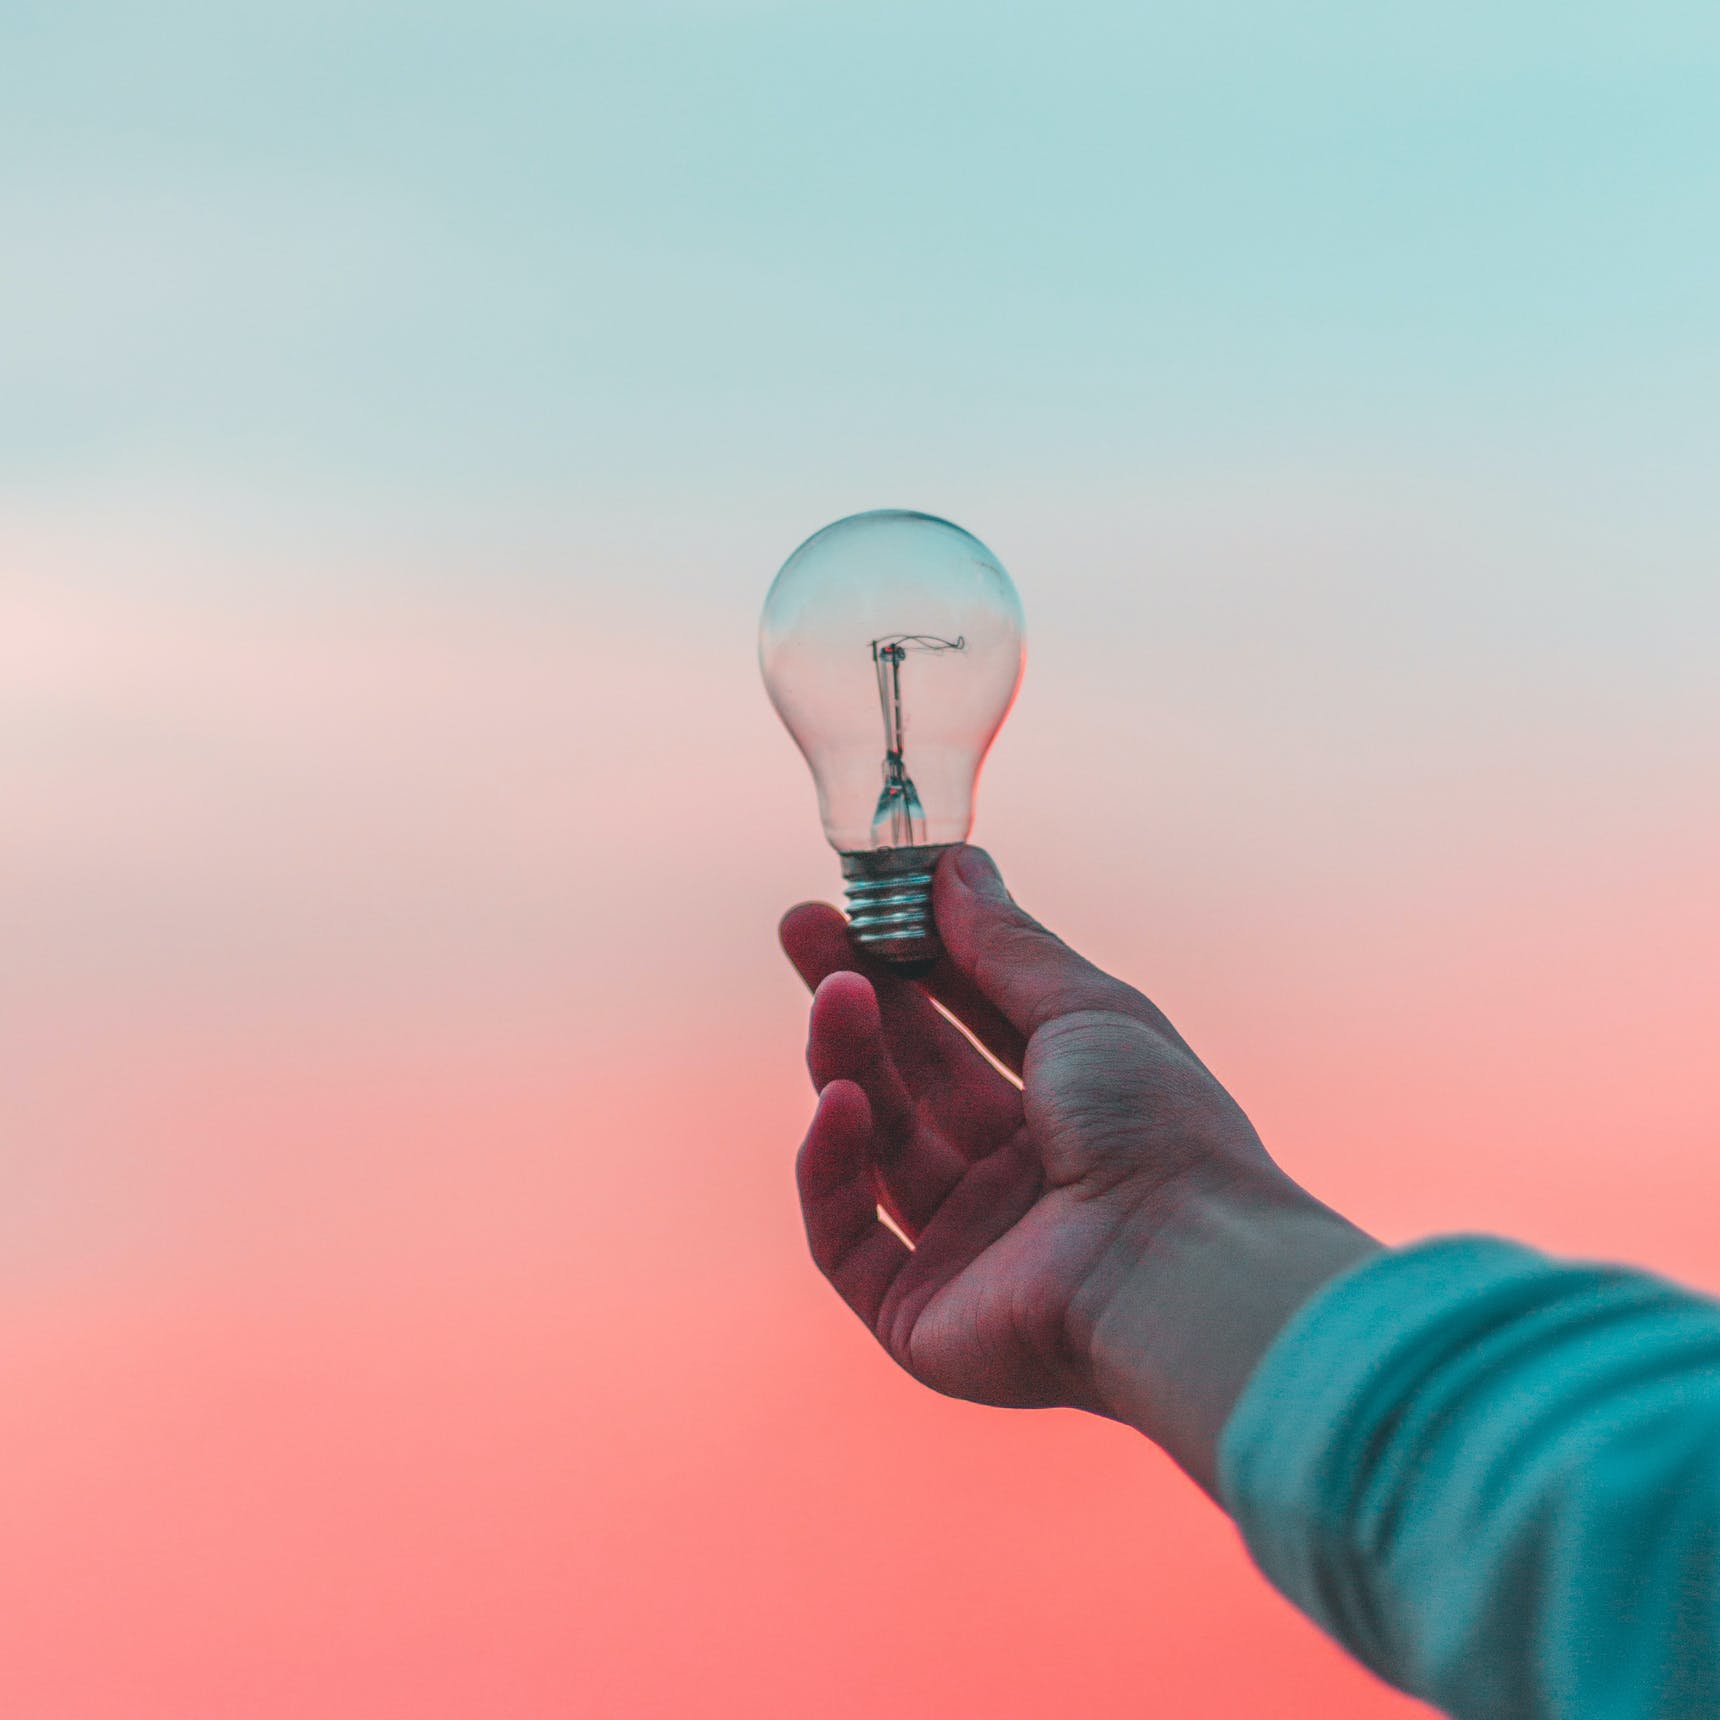 Creative Europe lanceert eerste calls voor hun 2021-2027 programma